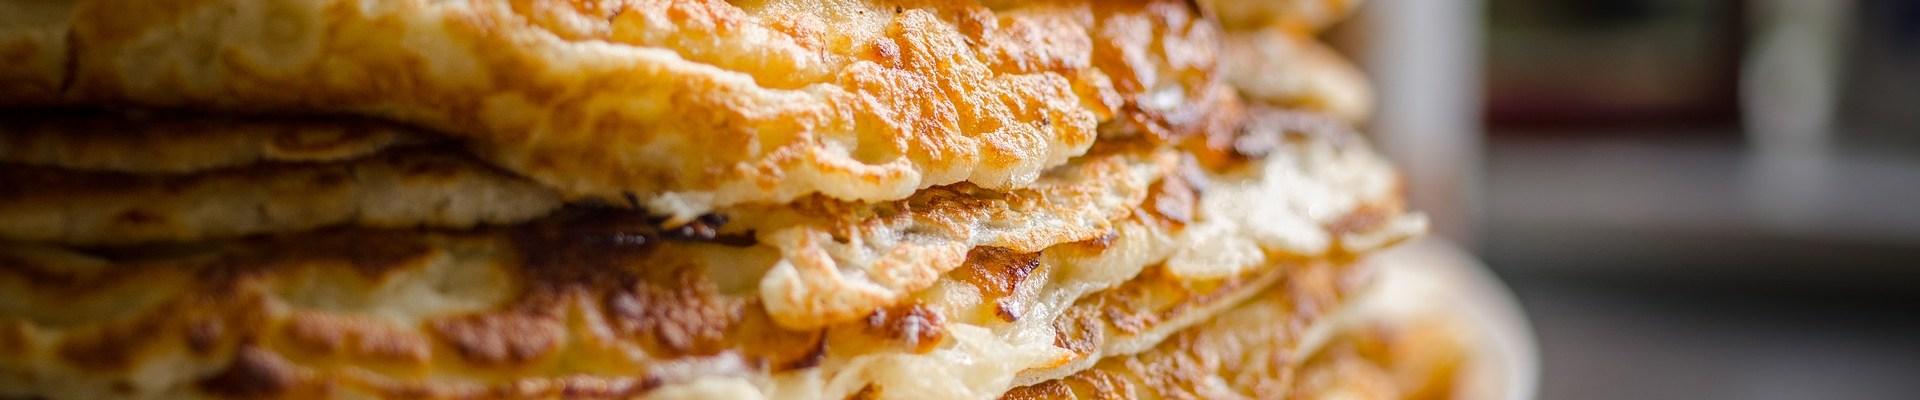 Pancakes express en 2 minutes chrono